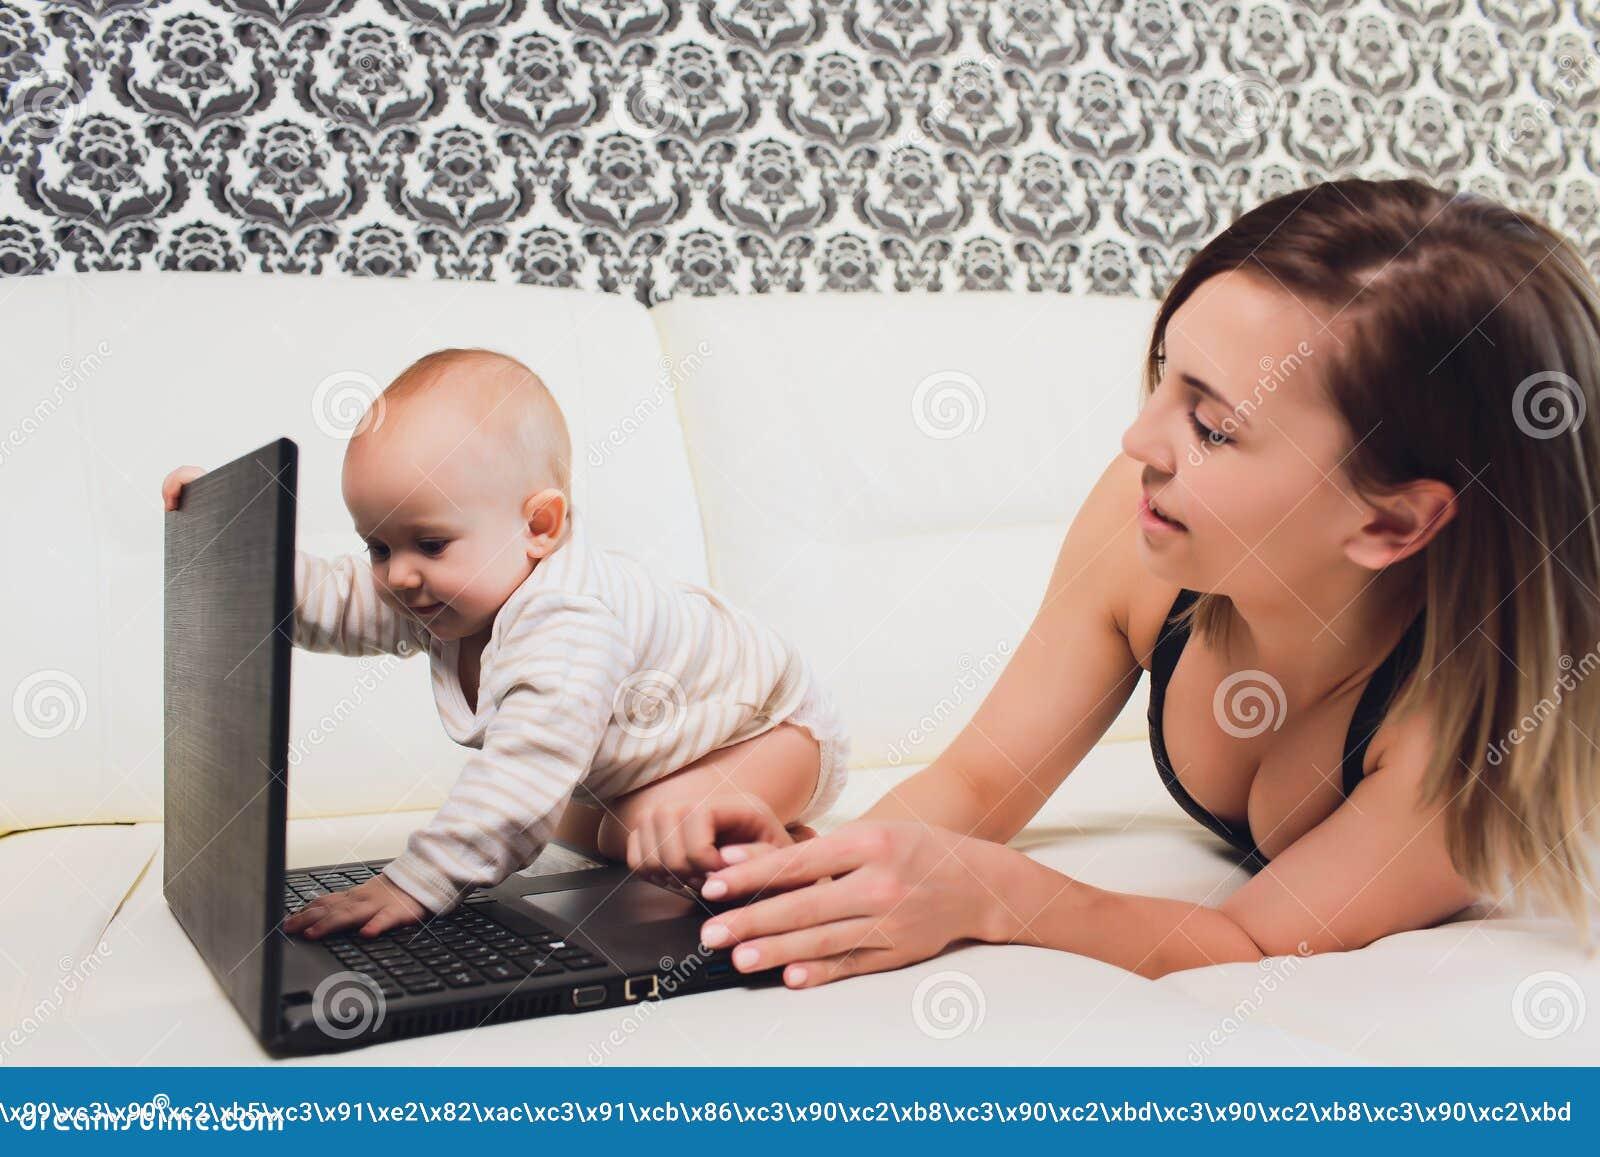 Trabalhos do freelancer da mamã a criança interfere problemas freelancing